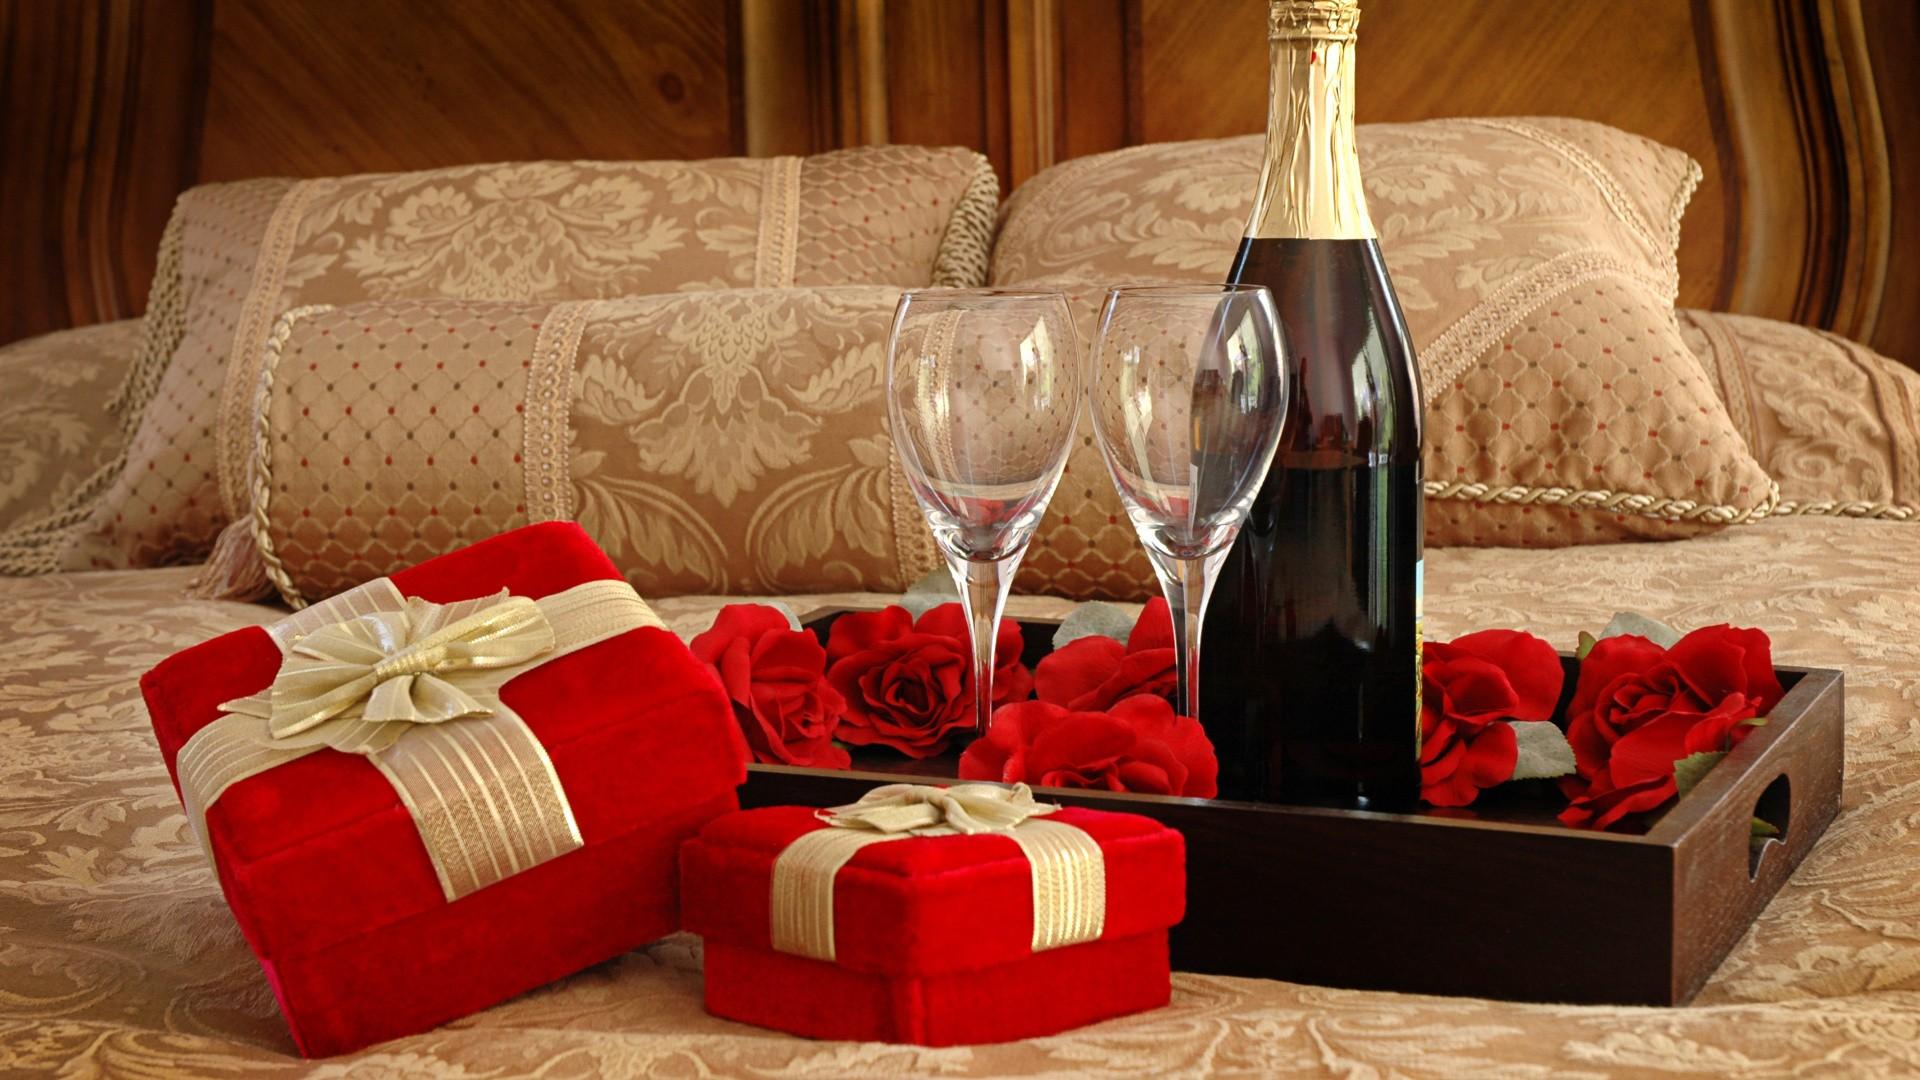 Burçlara göre Sevgililer Günü hediyesi